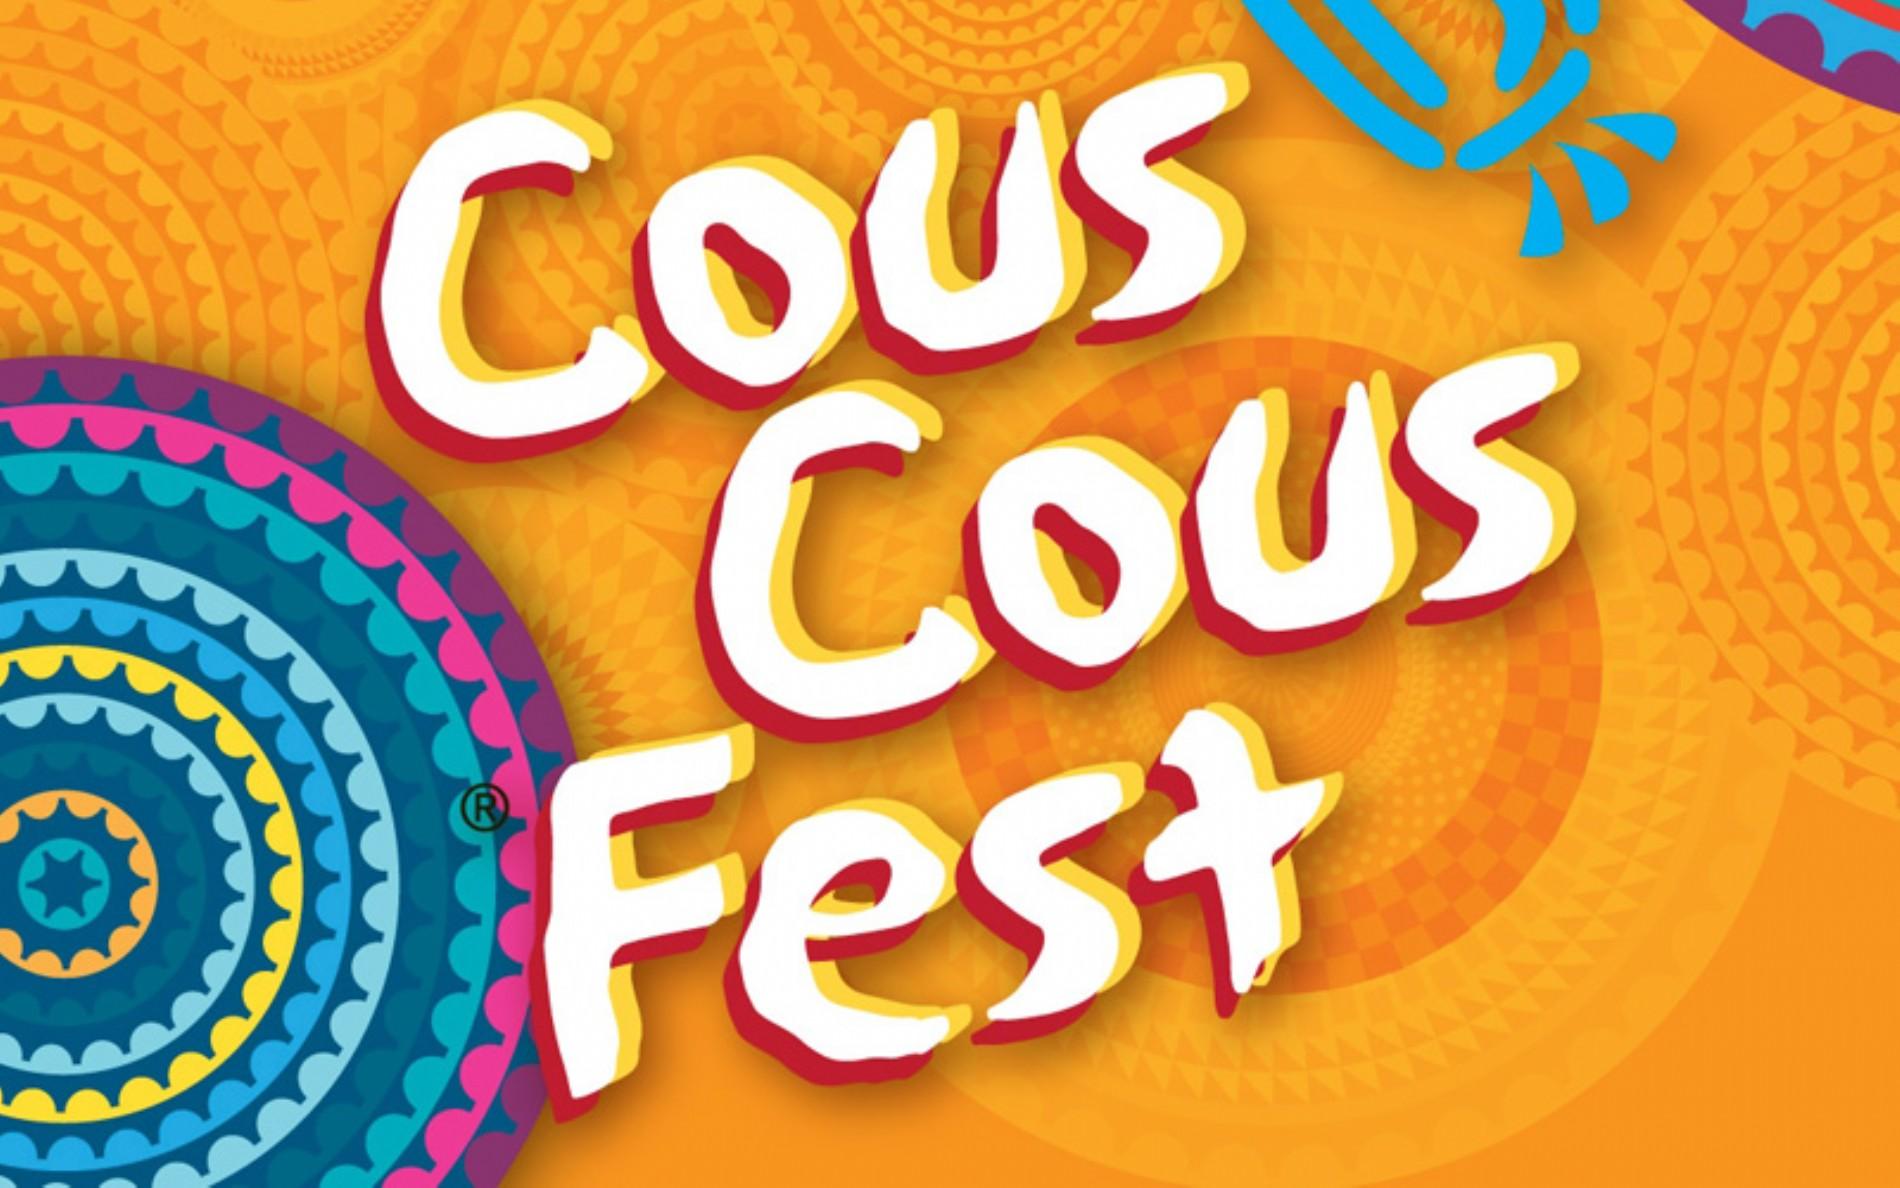 Cous Cous Fest: collegamento via mare Trapani-San Vito, domani la conferenza stampa